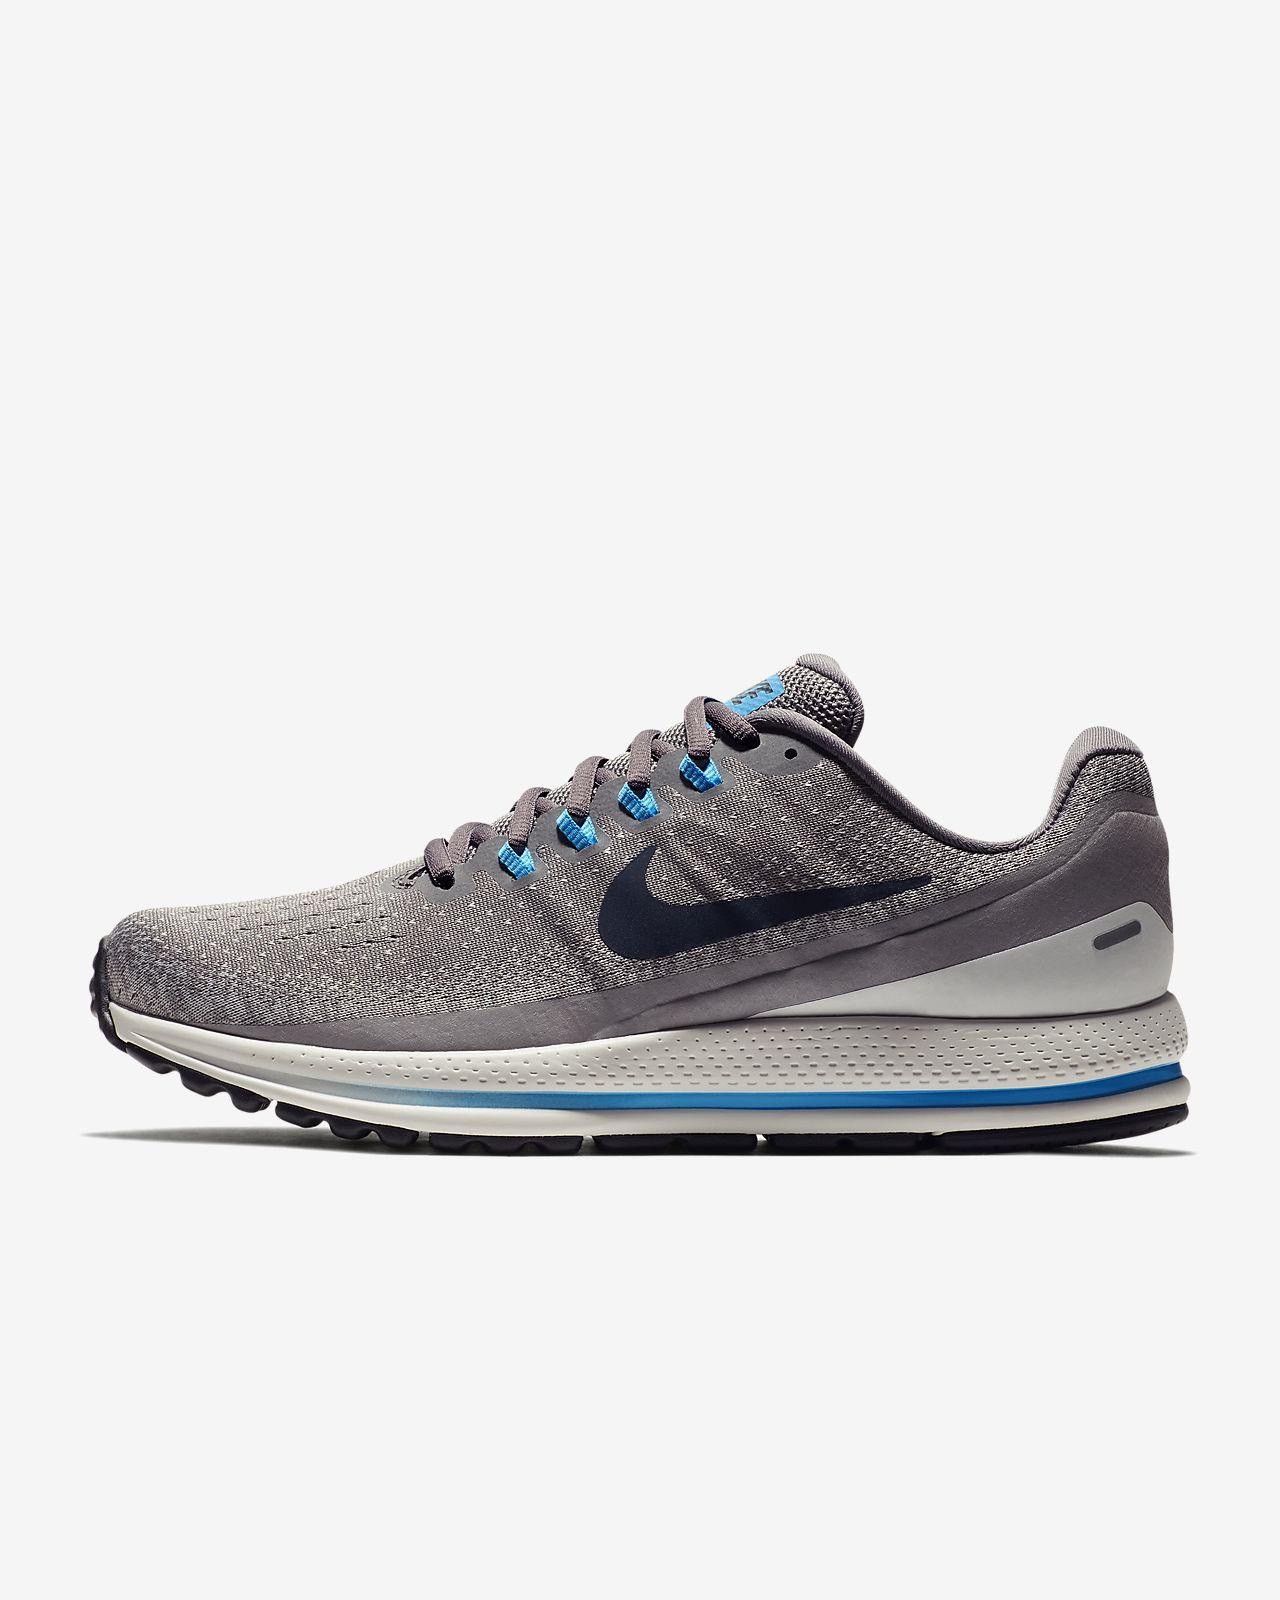 official photos 439fe cfb55 ... shopping calzado de running para hombre nike air zoom vomero 13 c294d  8a495